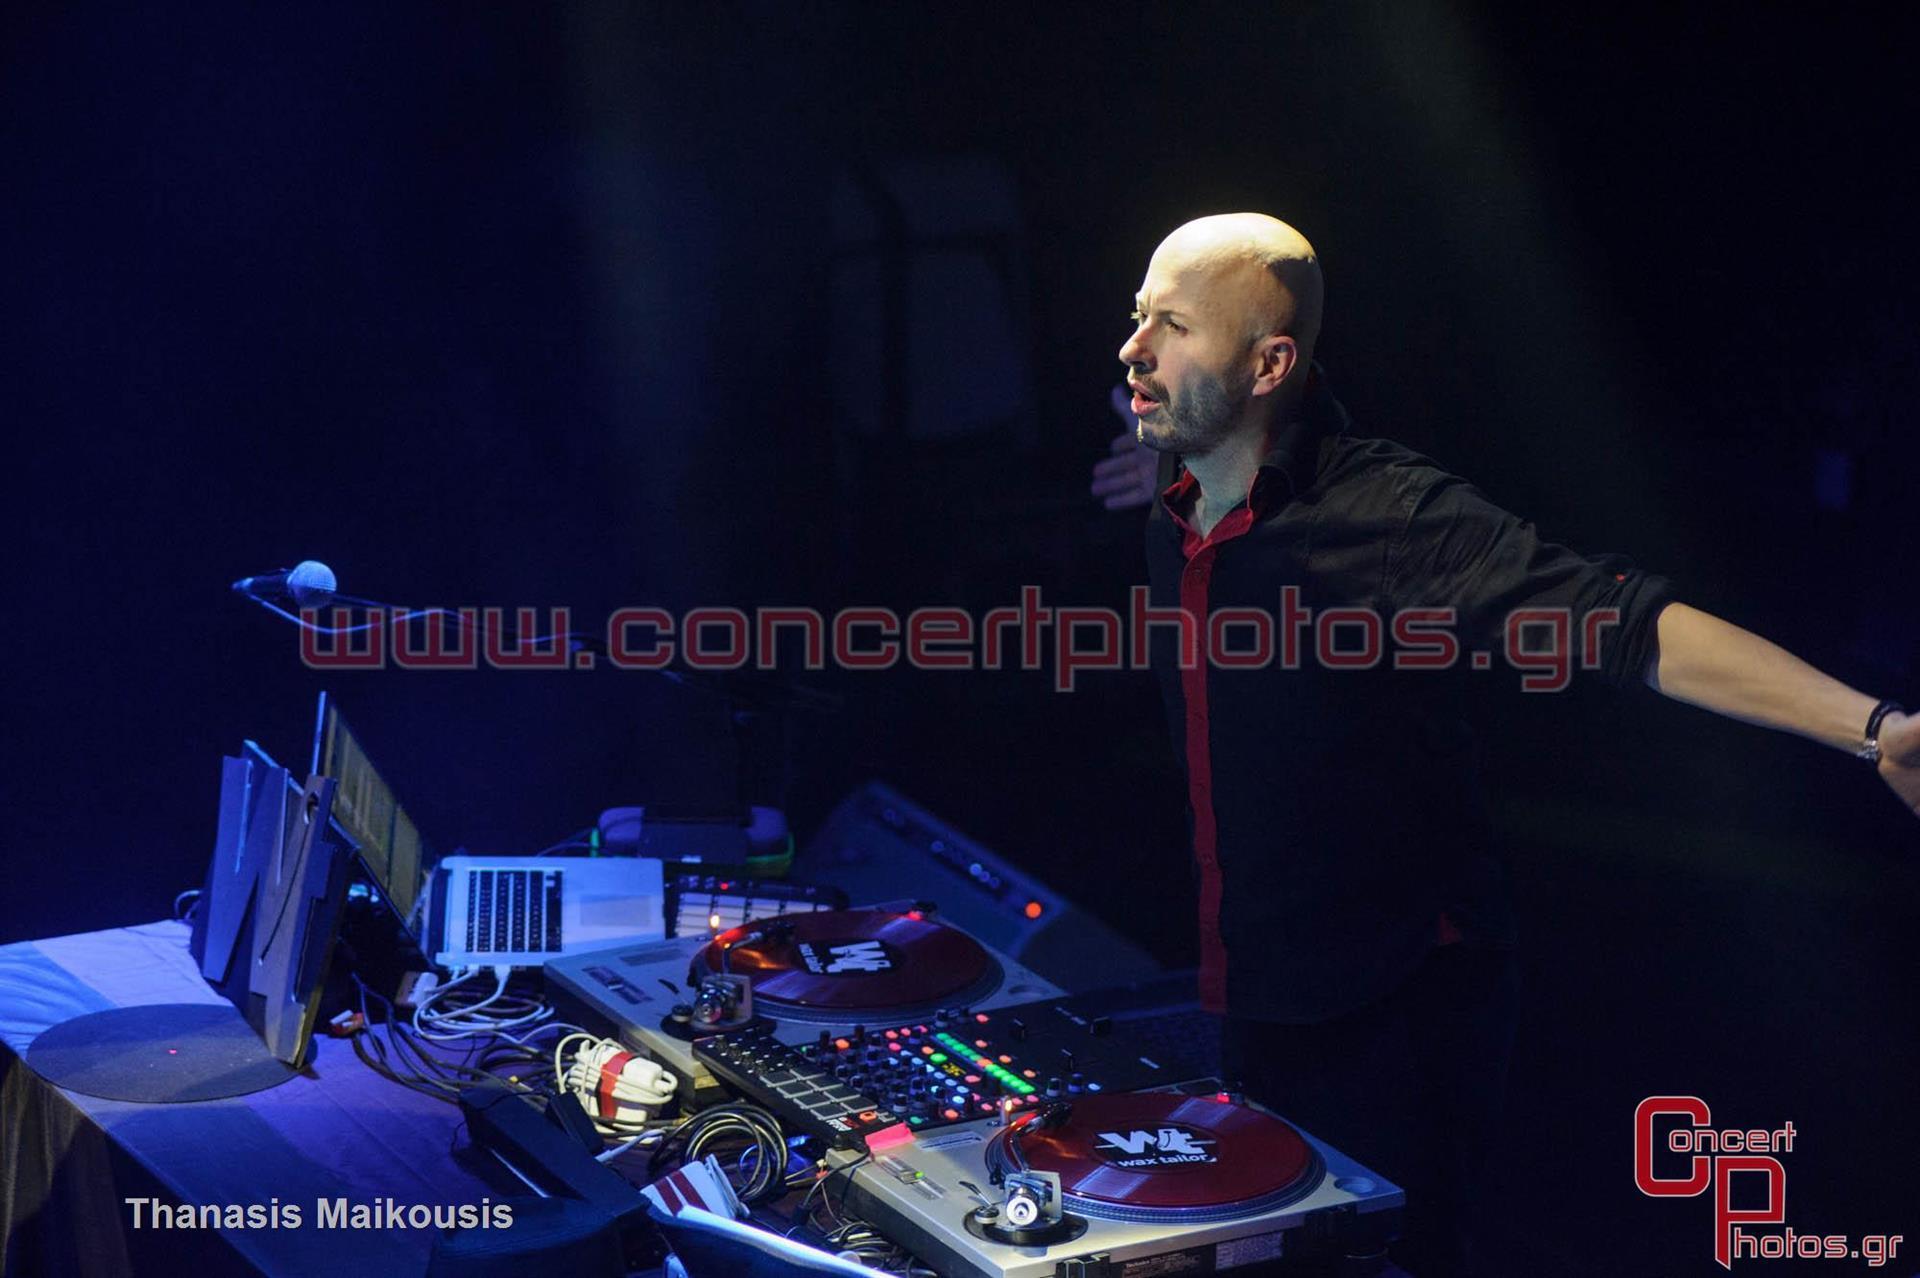 Wax Tailor - photographer: Thanasis Maikousis - ConcertPhotos-8109